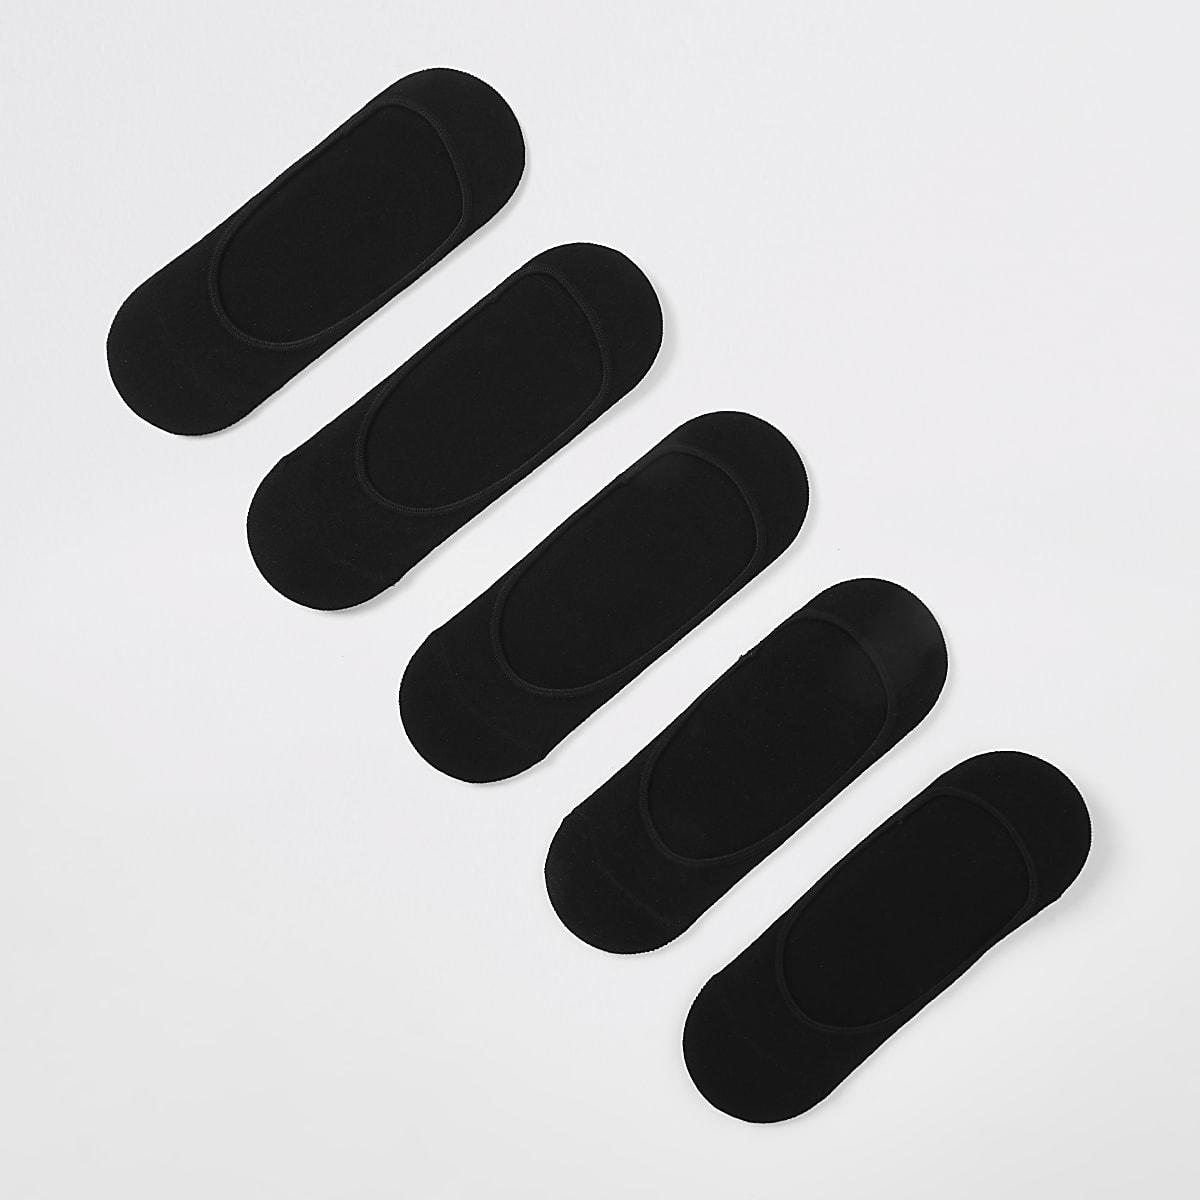 5 paar zwarte open sportsokken